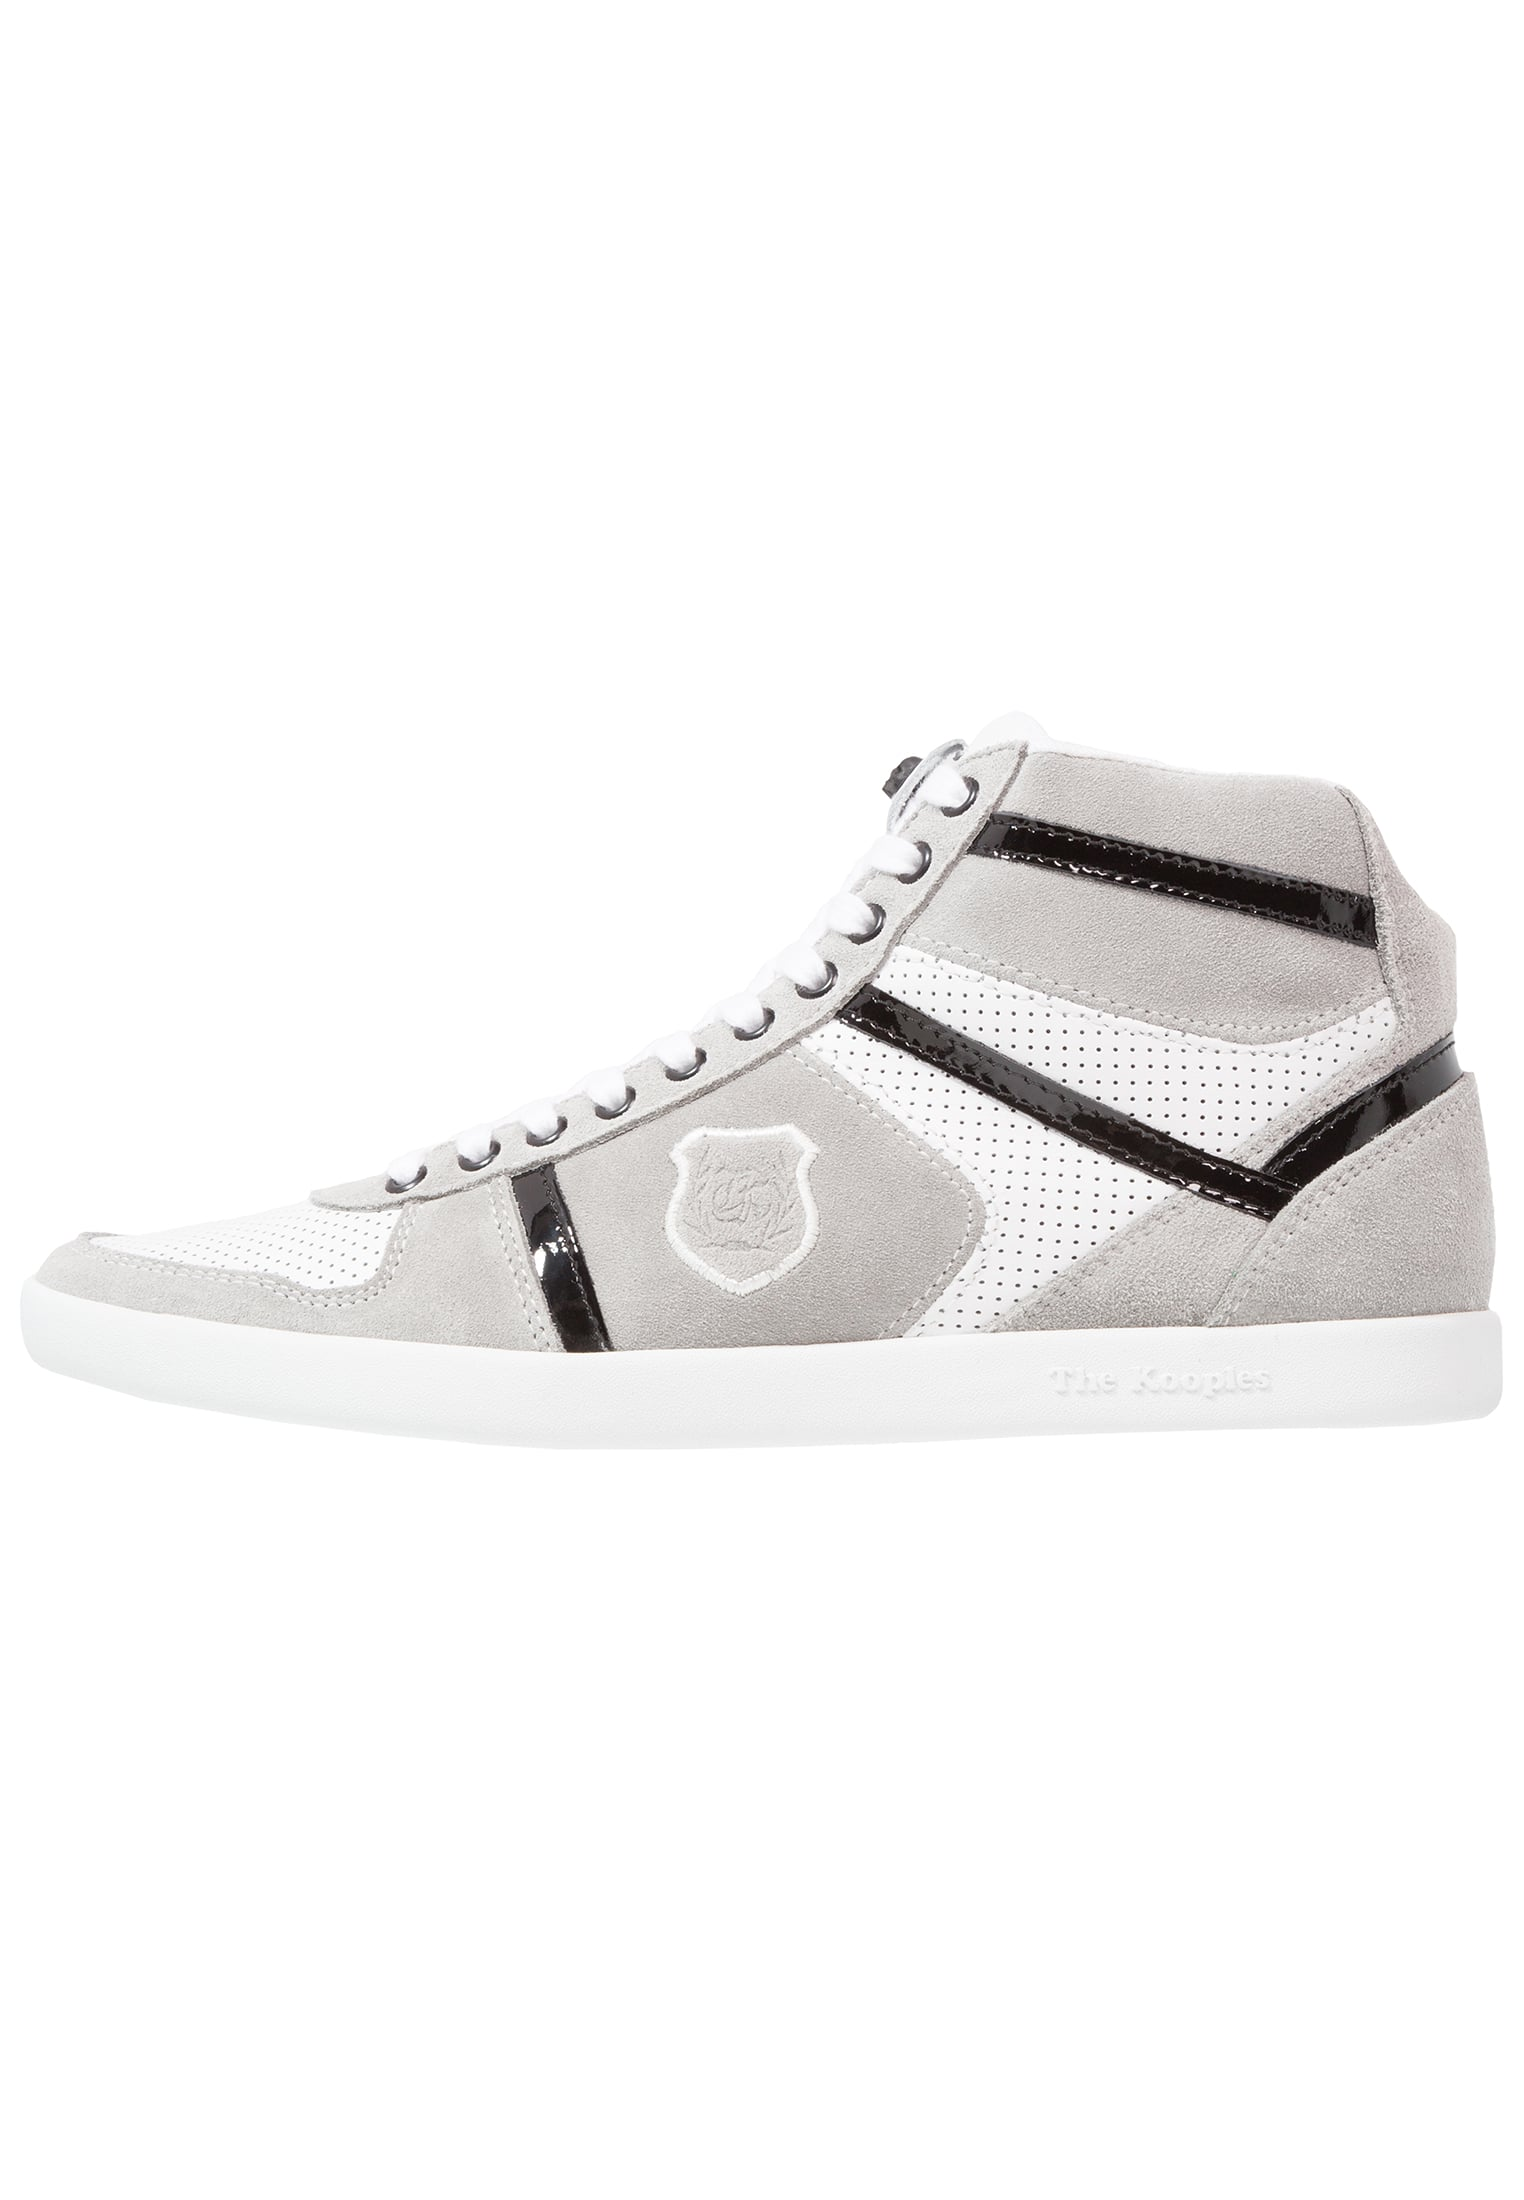 Sneakers kooples homme